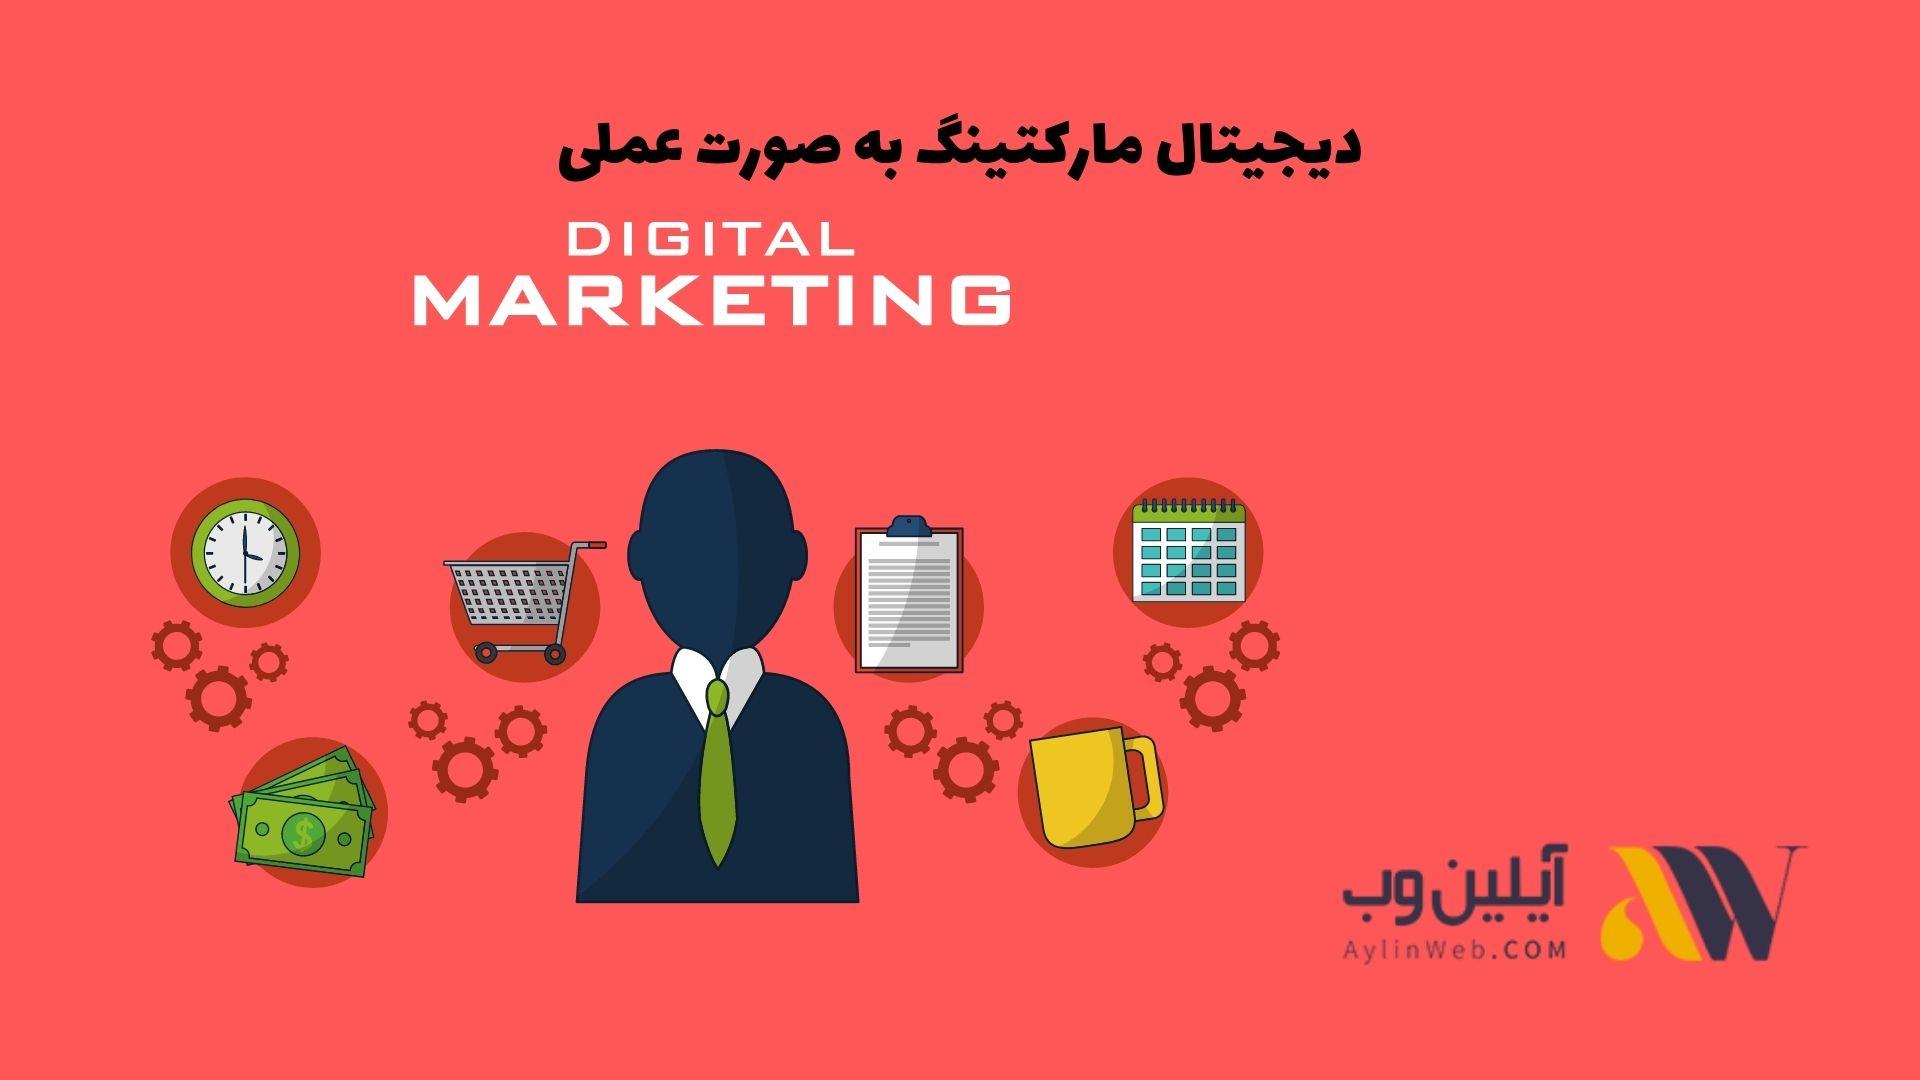 دیجیتال مارکتینگ به صورت عملی